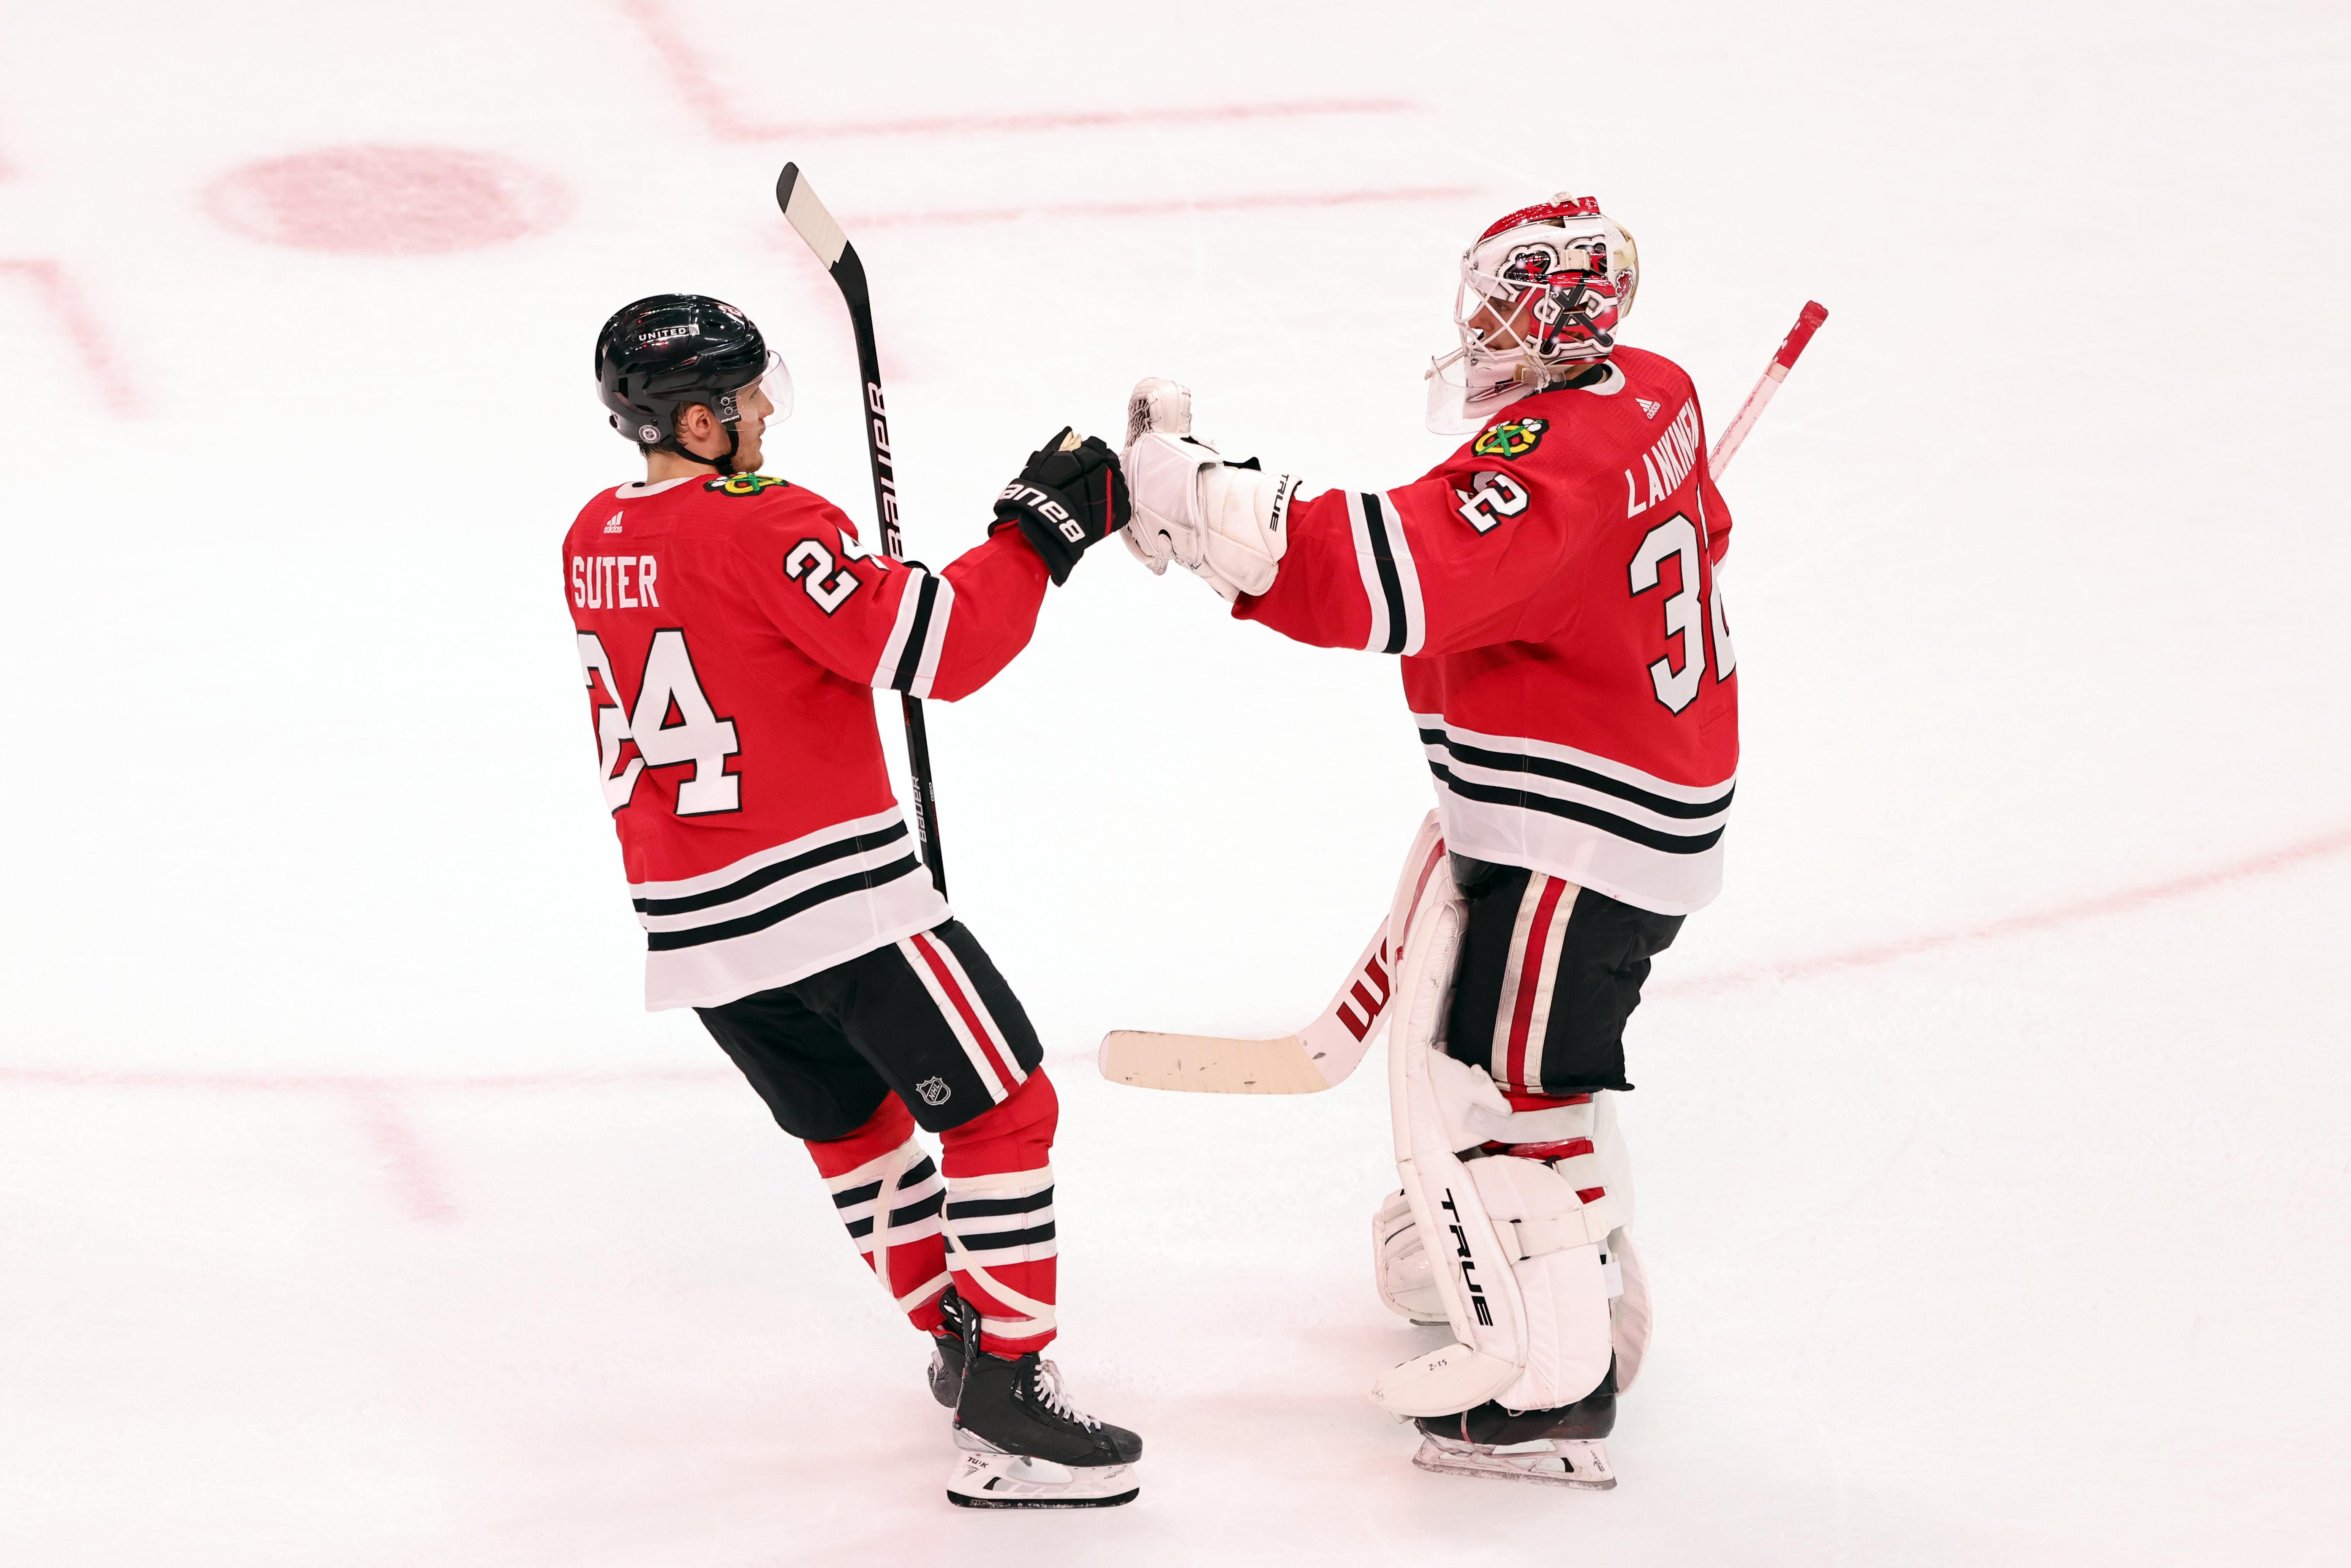 NHL: APR 06 Stars at Blackhawks